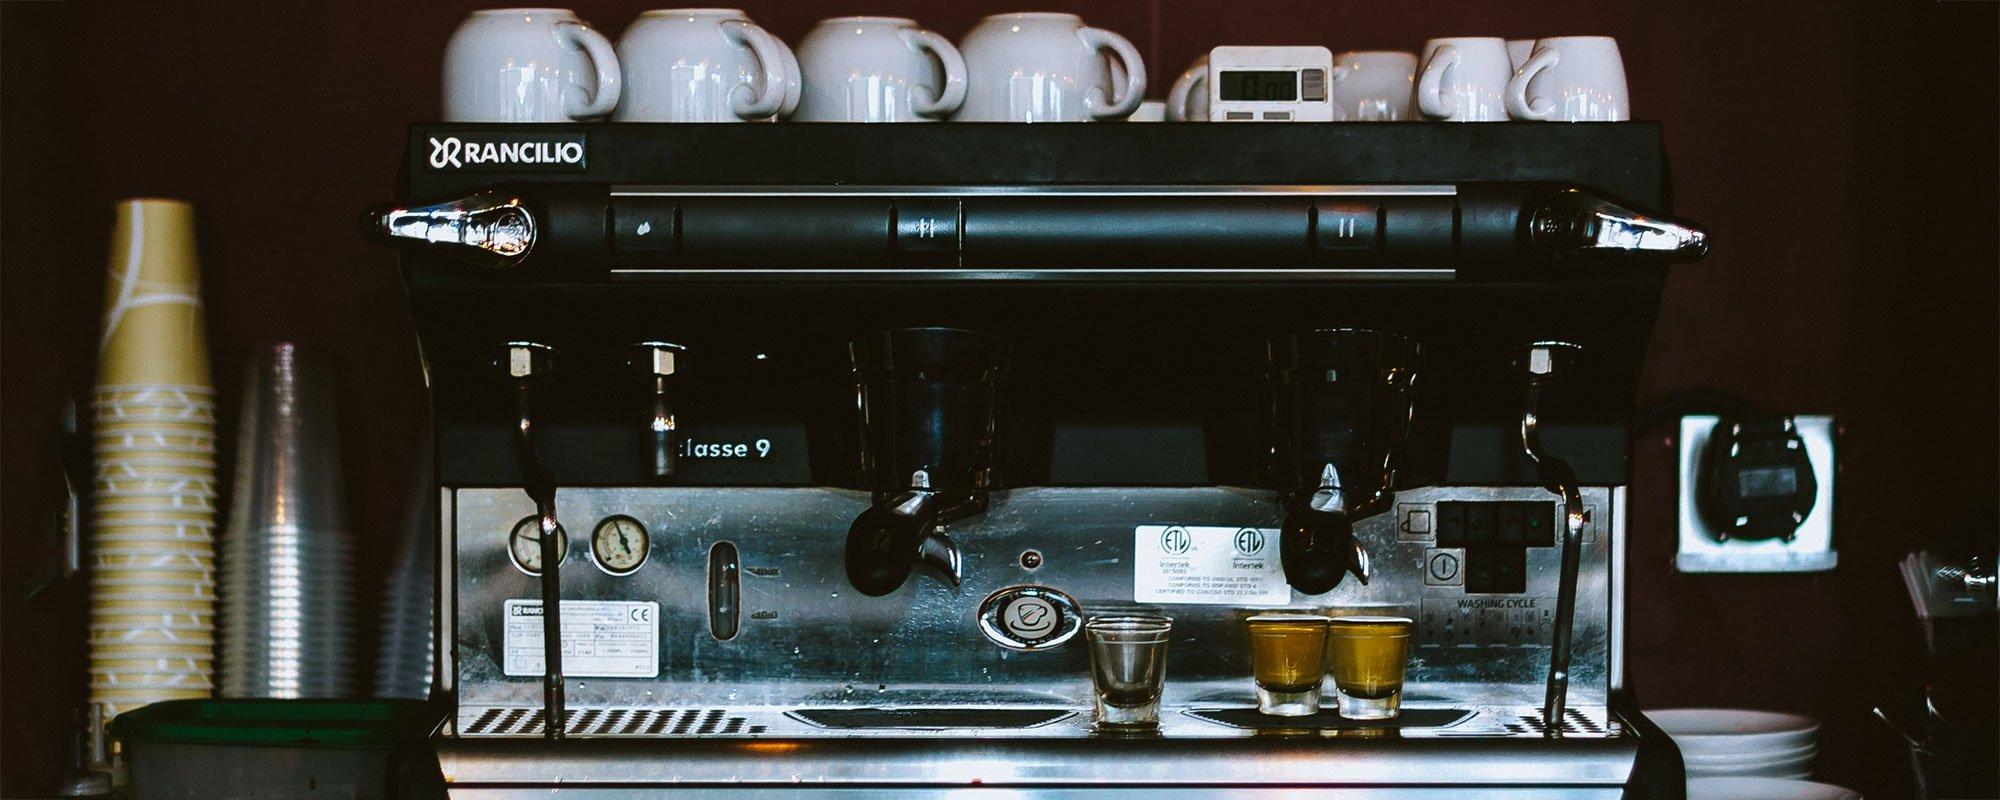 coffee-machine-main